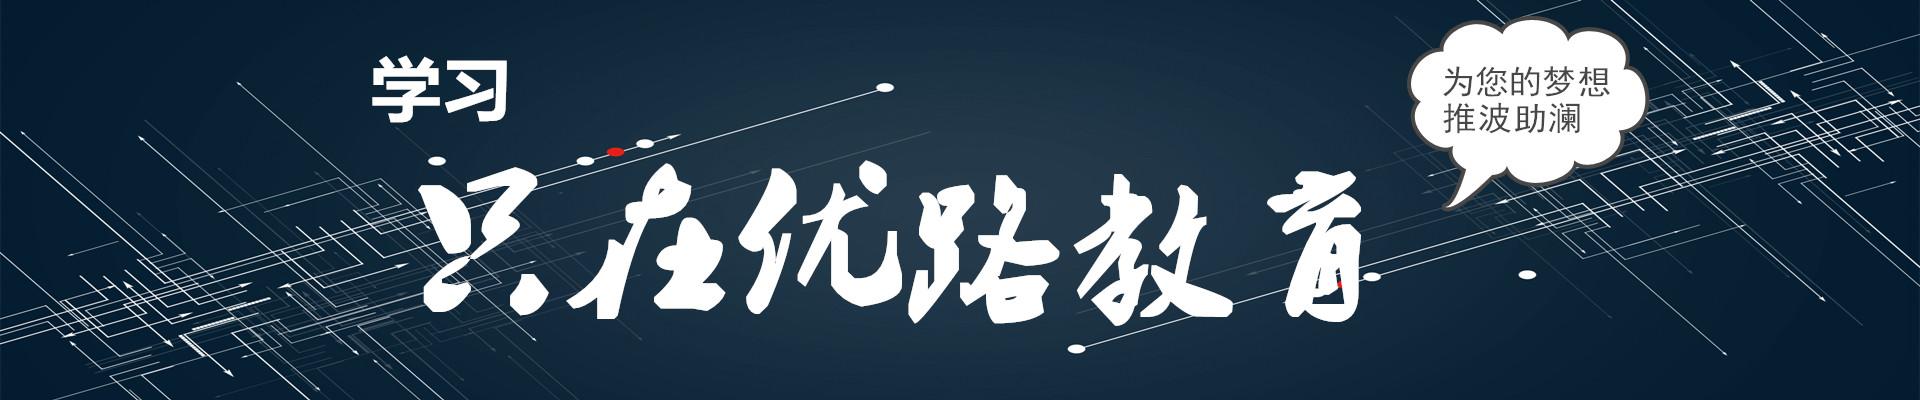 安徽合肥三孝口优路教育培训学校